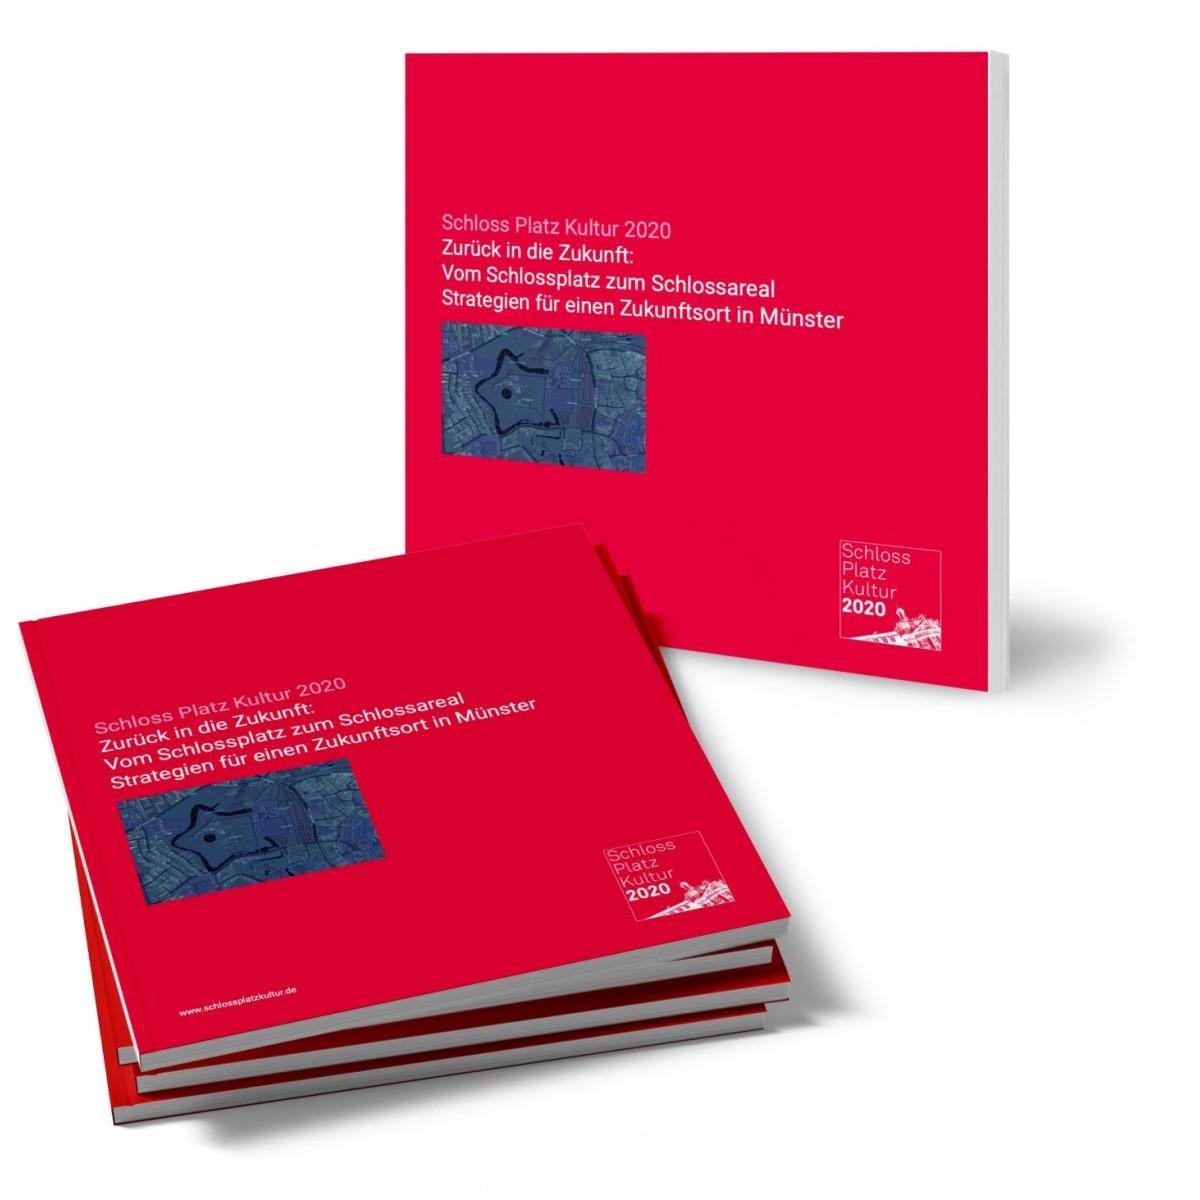 Schloss Platz Kultur 2020 - Abschlussdokumentation